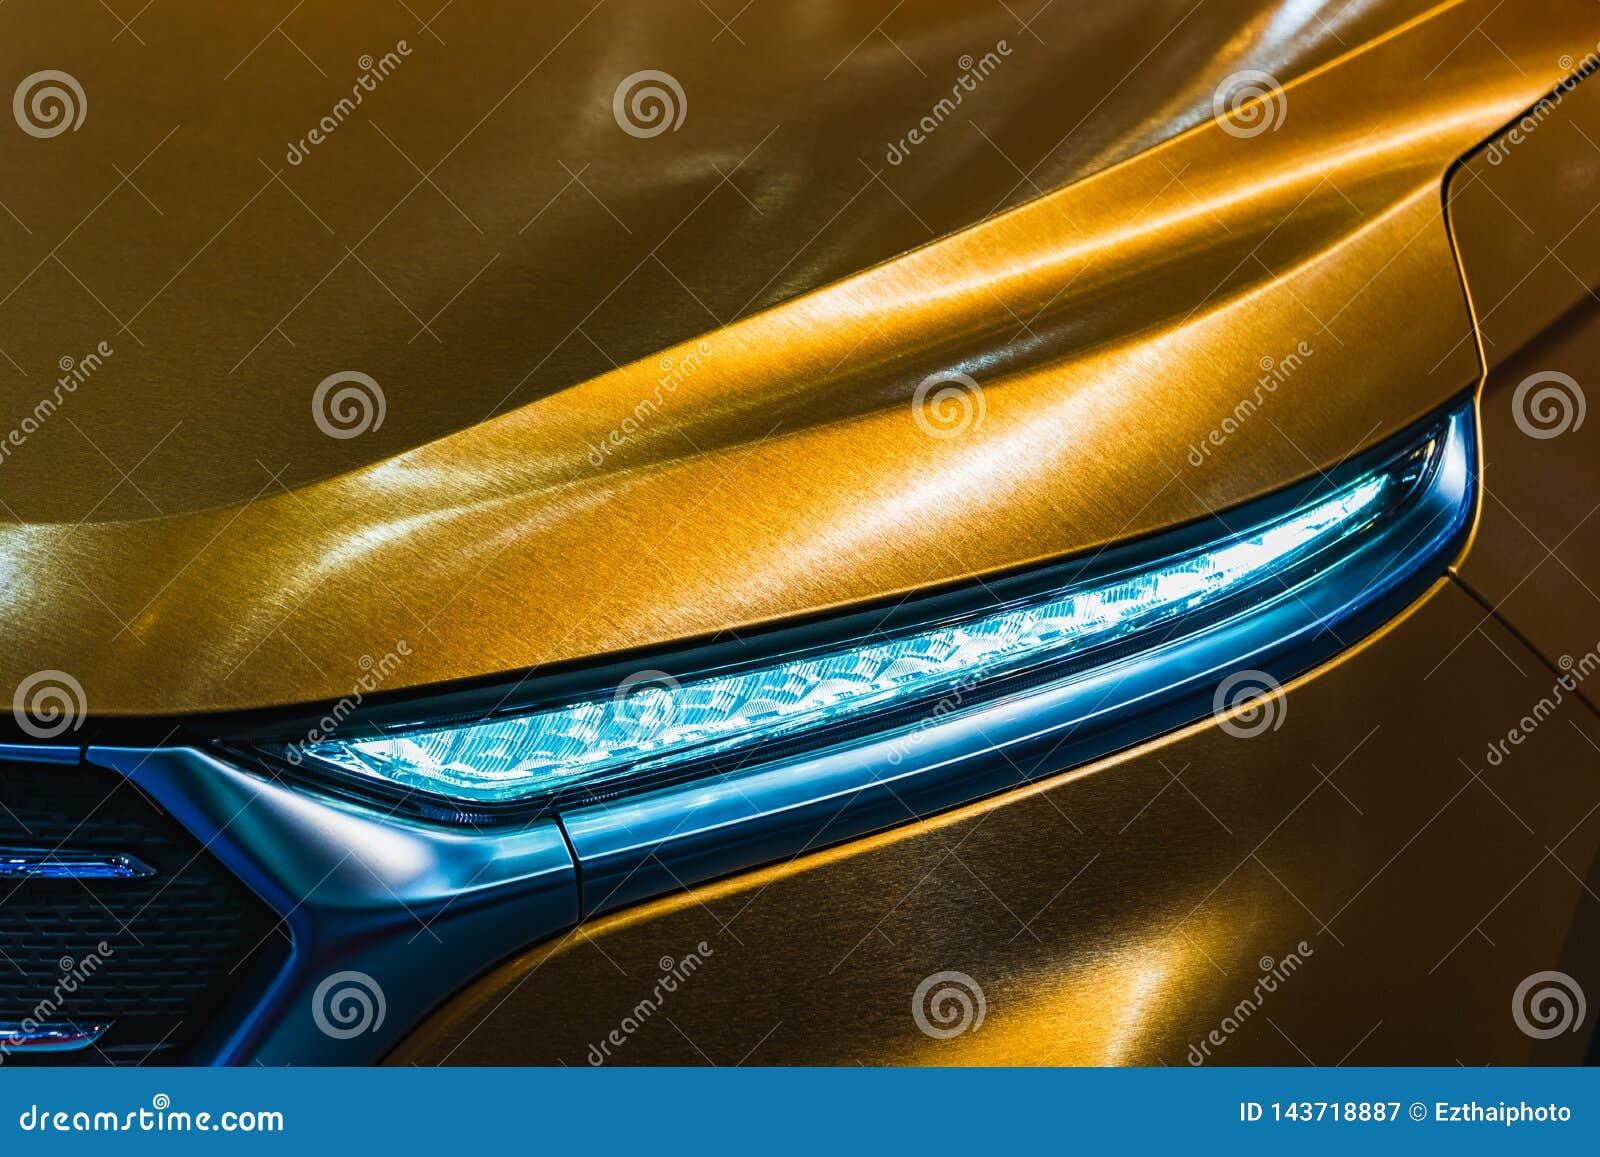 Détail haut étroit tiré du phare de la voiture de sport de luxe moderne Vue de face de supercar Concept de fond de sport autom